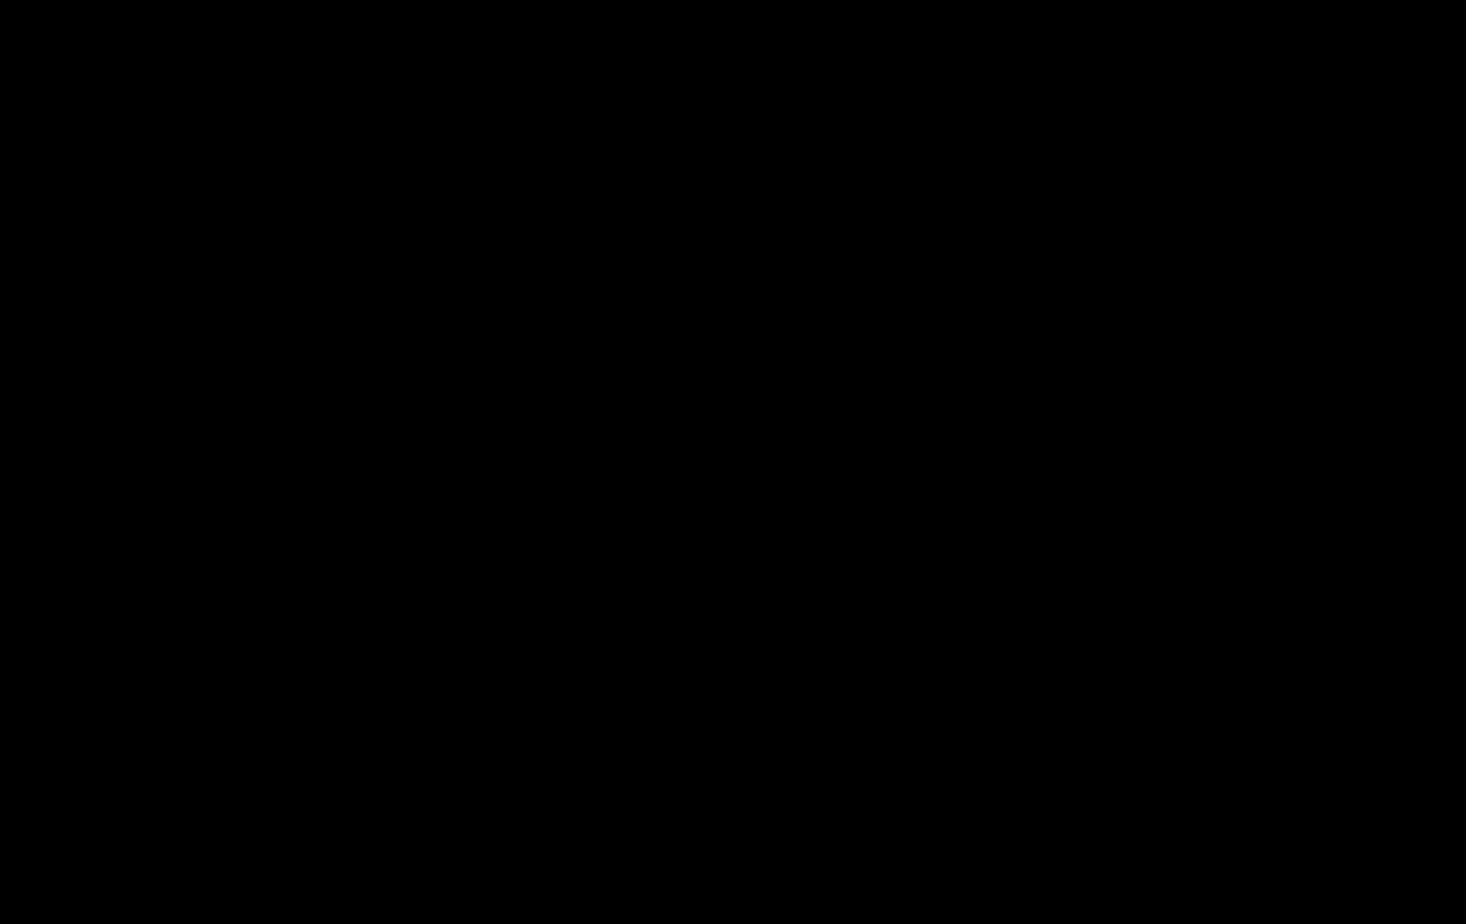 N-Dansyl 1,4-diaminobutane